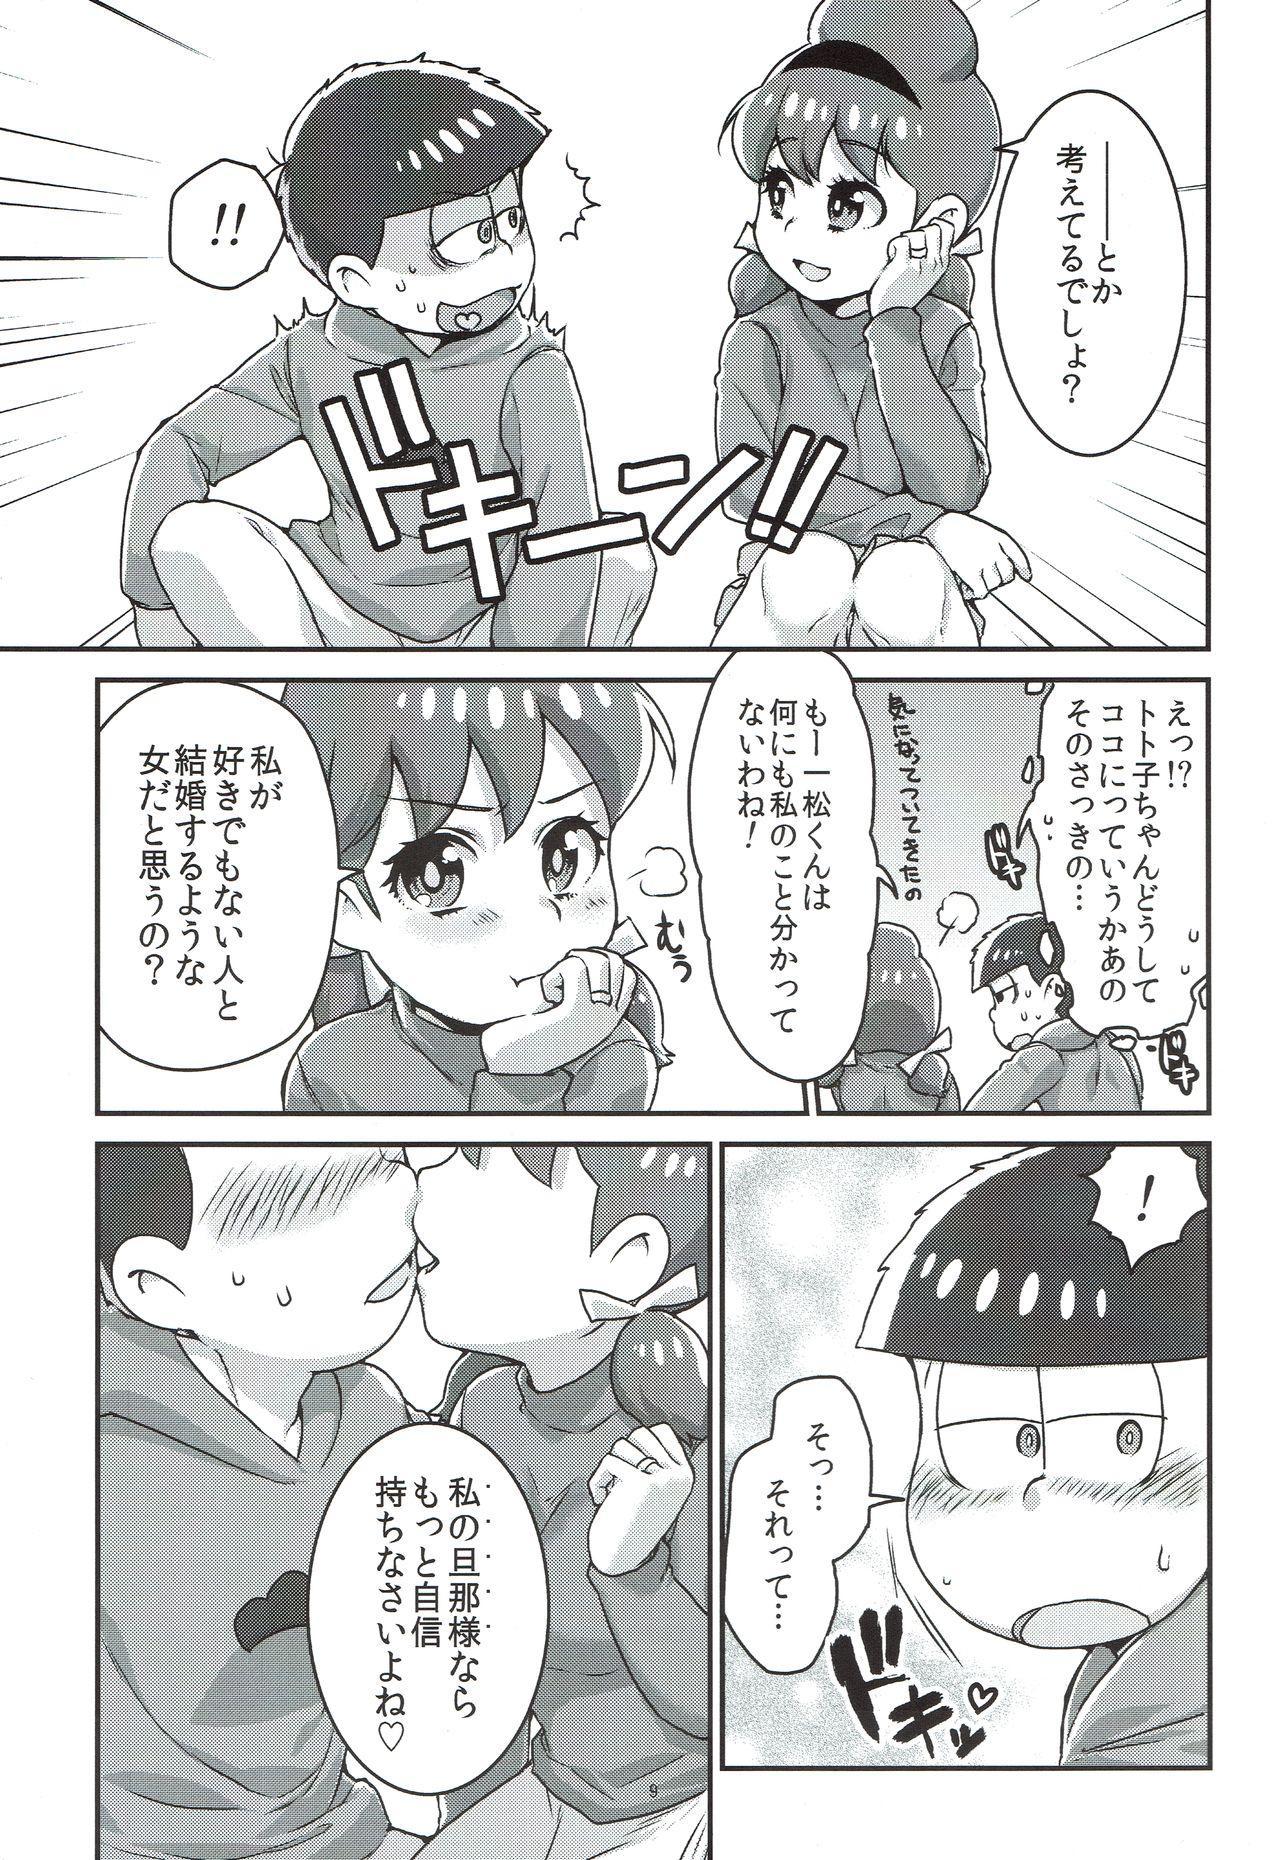 Mutsugo to Totoko-chan no Juukon Seikatsu 9